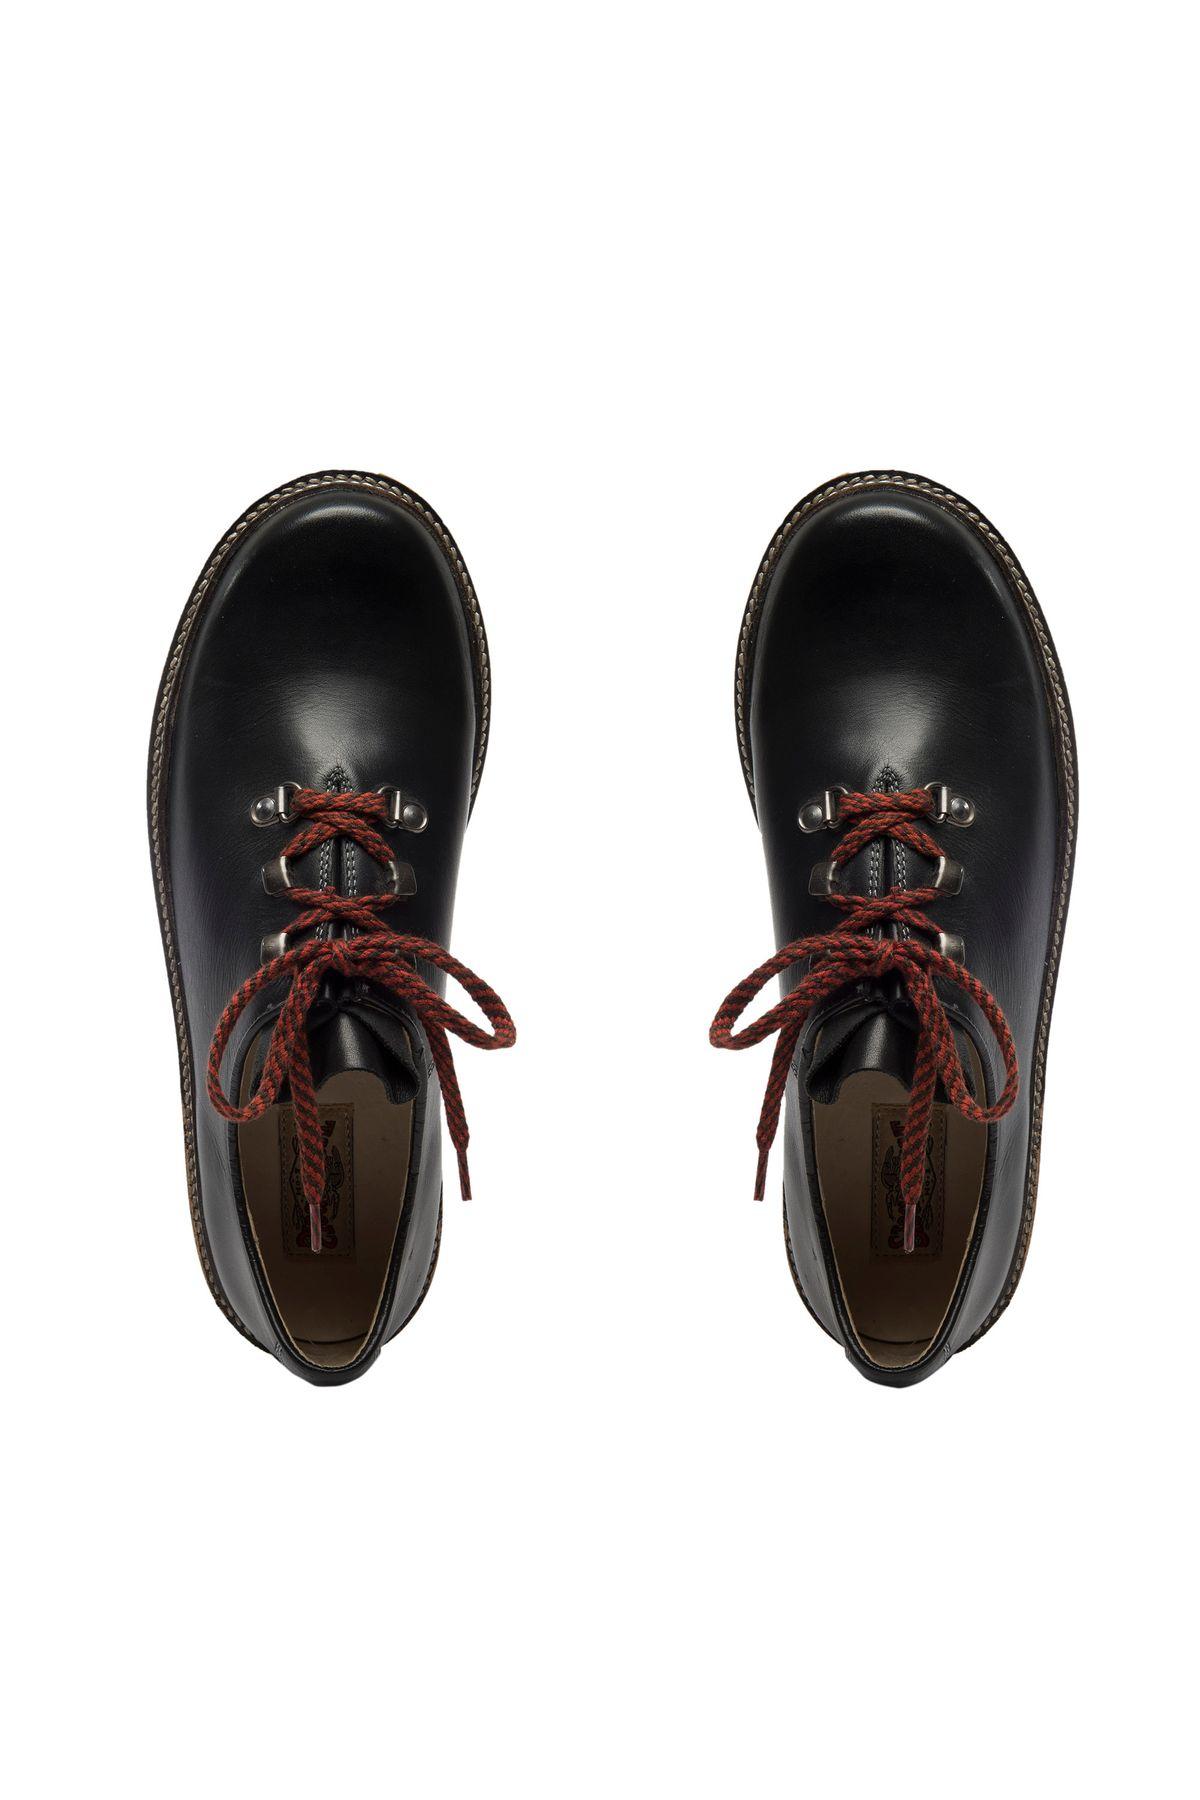 STOCKERPOINT - Herren Trachten Schuhe in Schwarz und Braun, 6082 – Bild 2